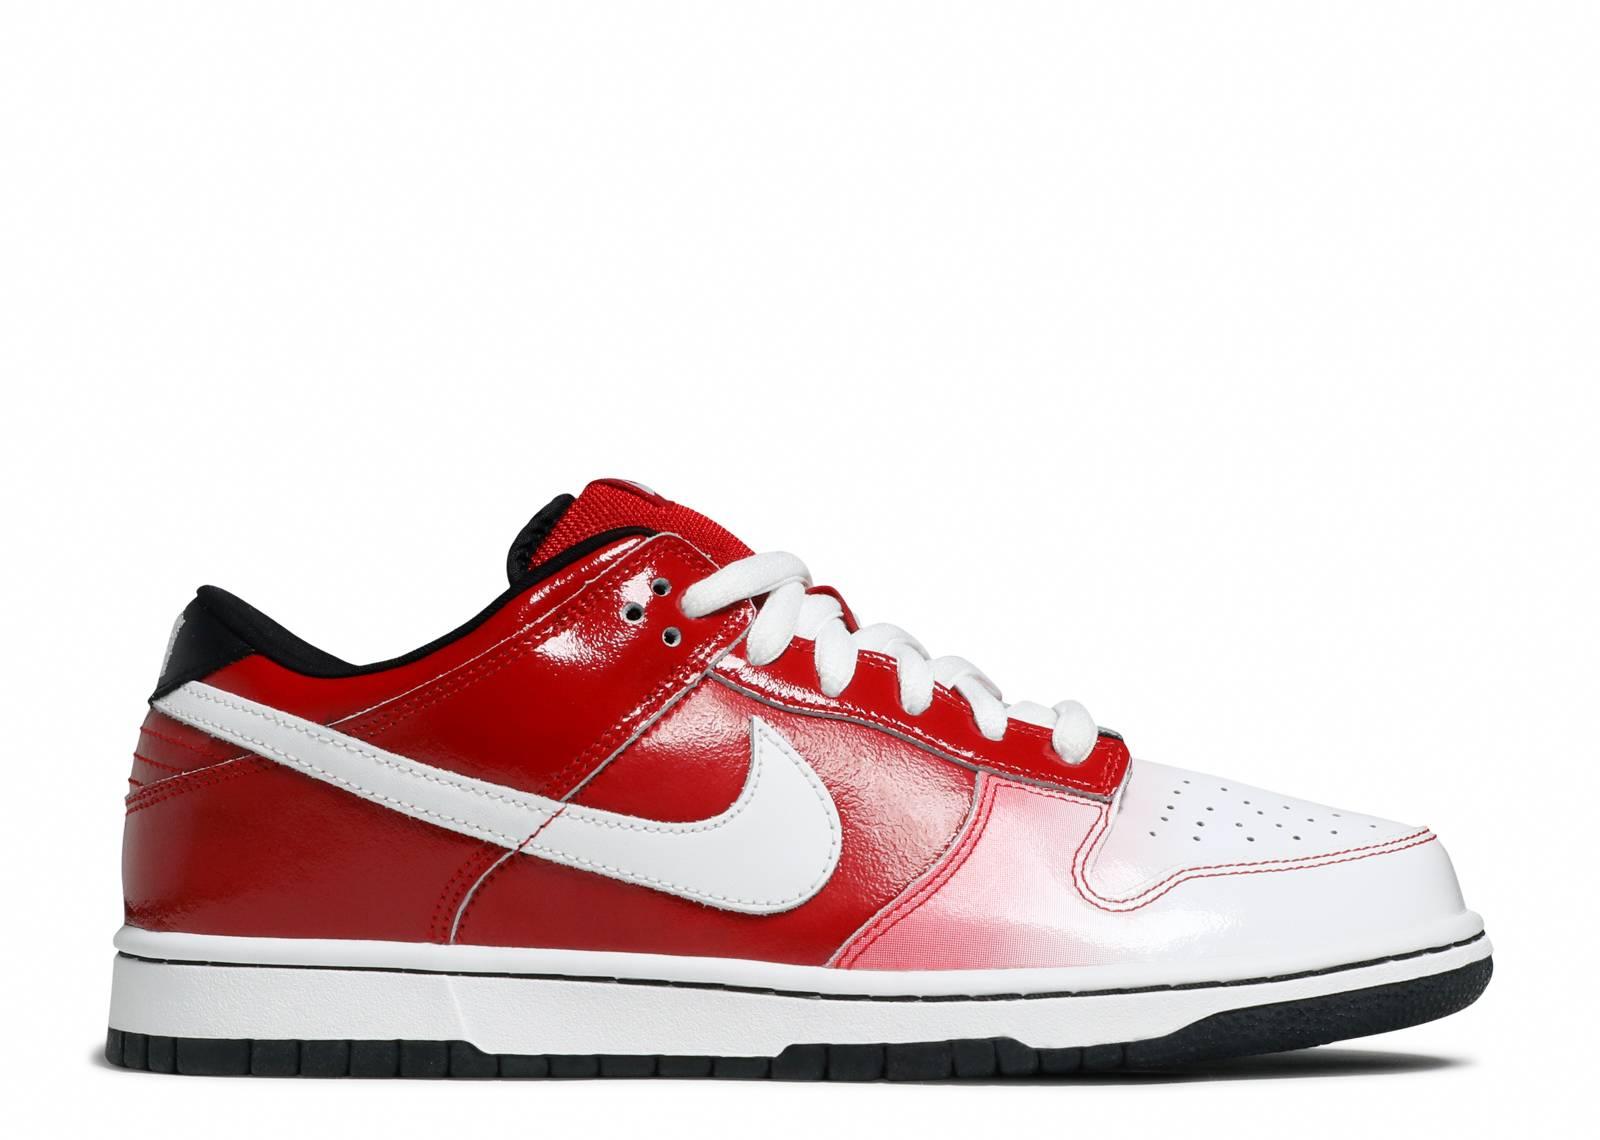 separation shoes 57e70 357d3 dunk low sb premium